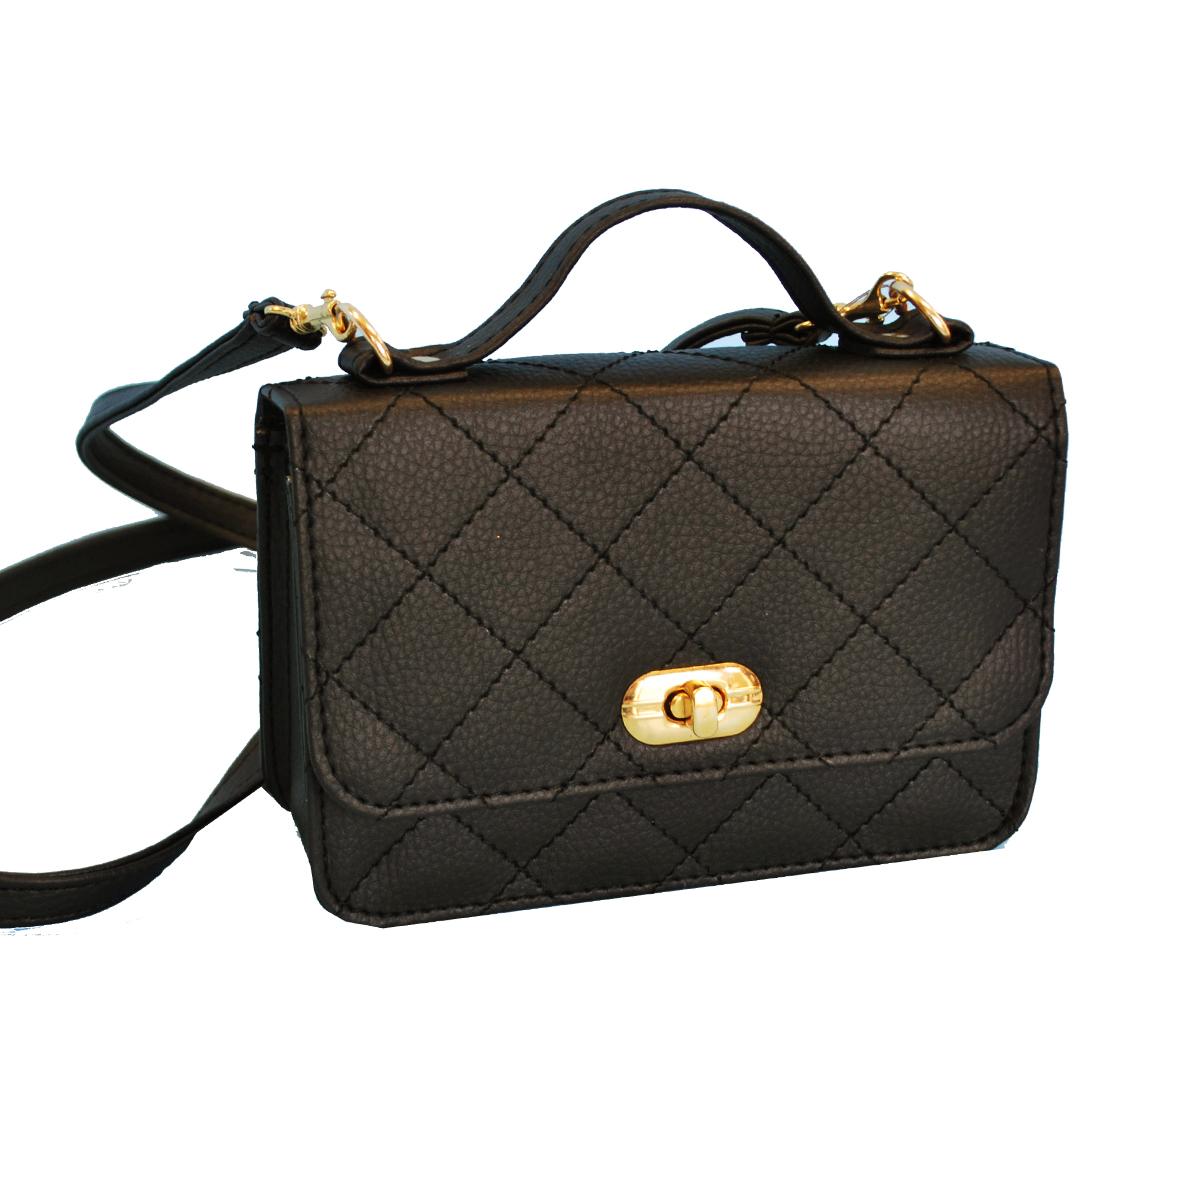 c90f3ab974 Dámska štýlová kabelka crossbody 8679 v čiernej farbe - Kožená ...